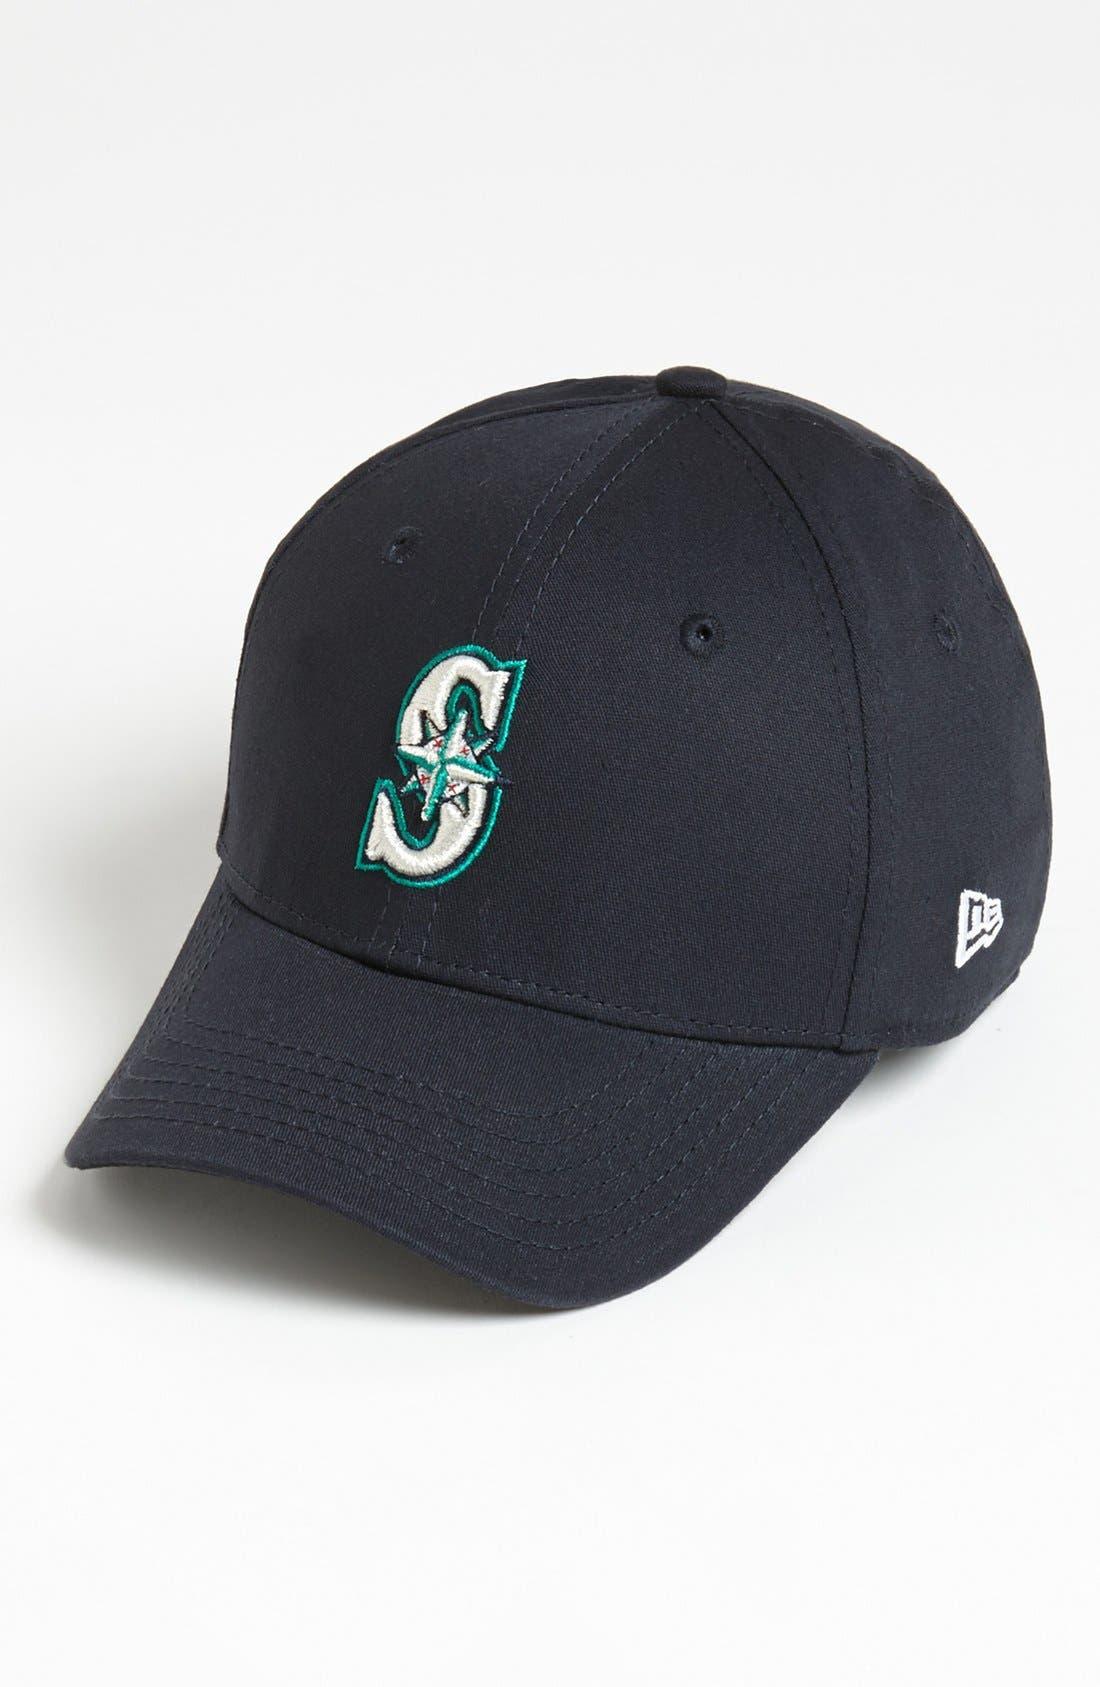 Main Image - New Era Cap 'Seattle Mariners - Tie Breaker' Baseball Cap (Big Boys)